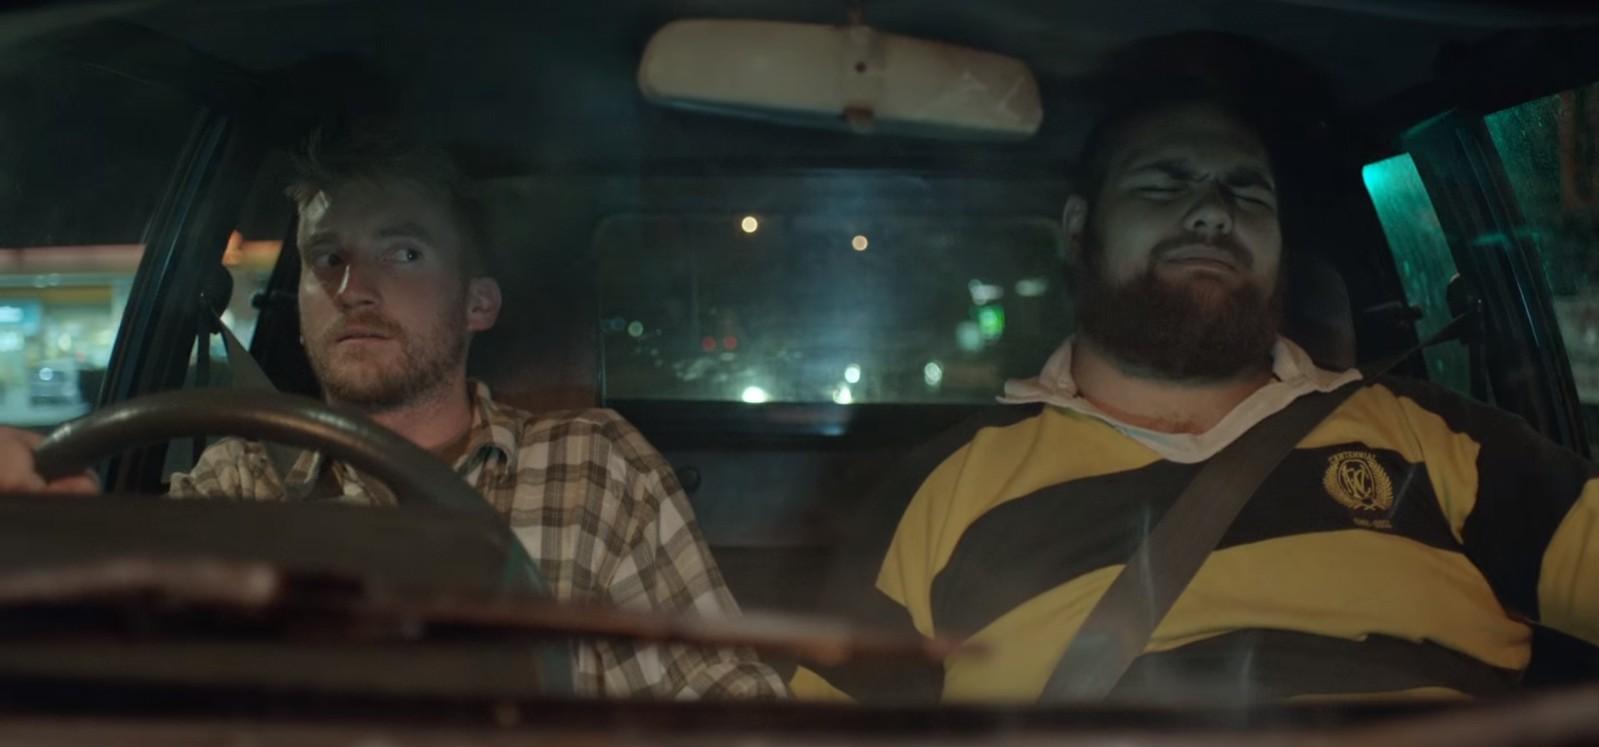 NZ Transport Agency - Hello gay awkward!